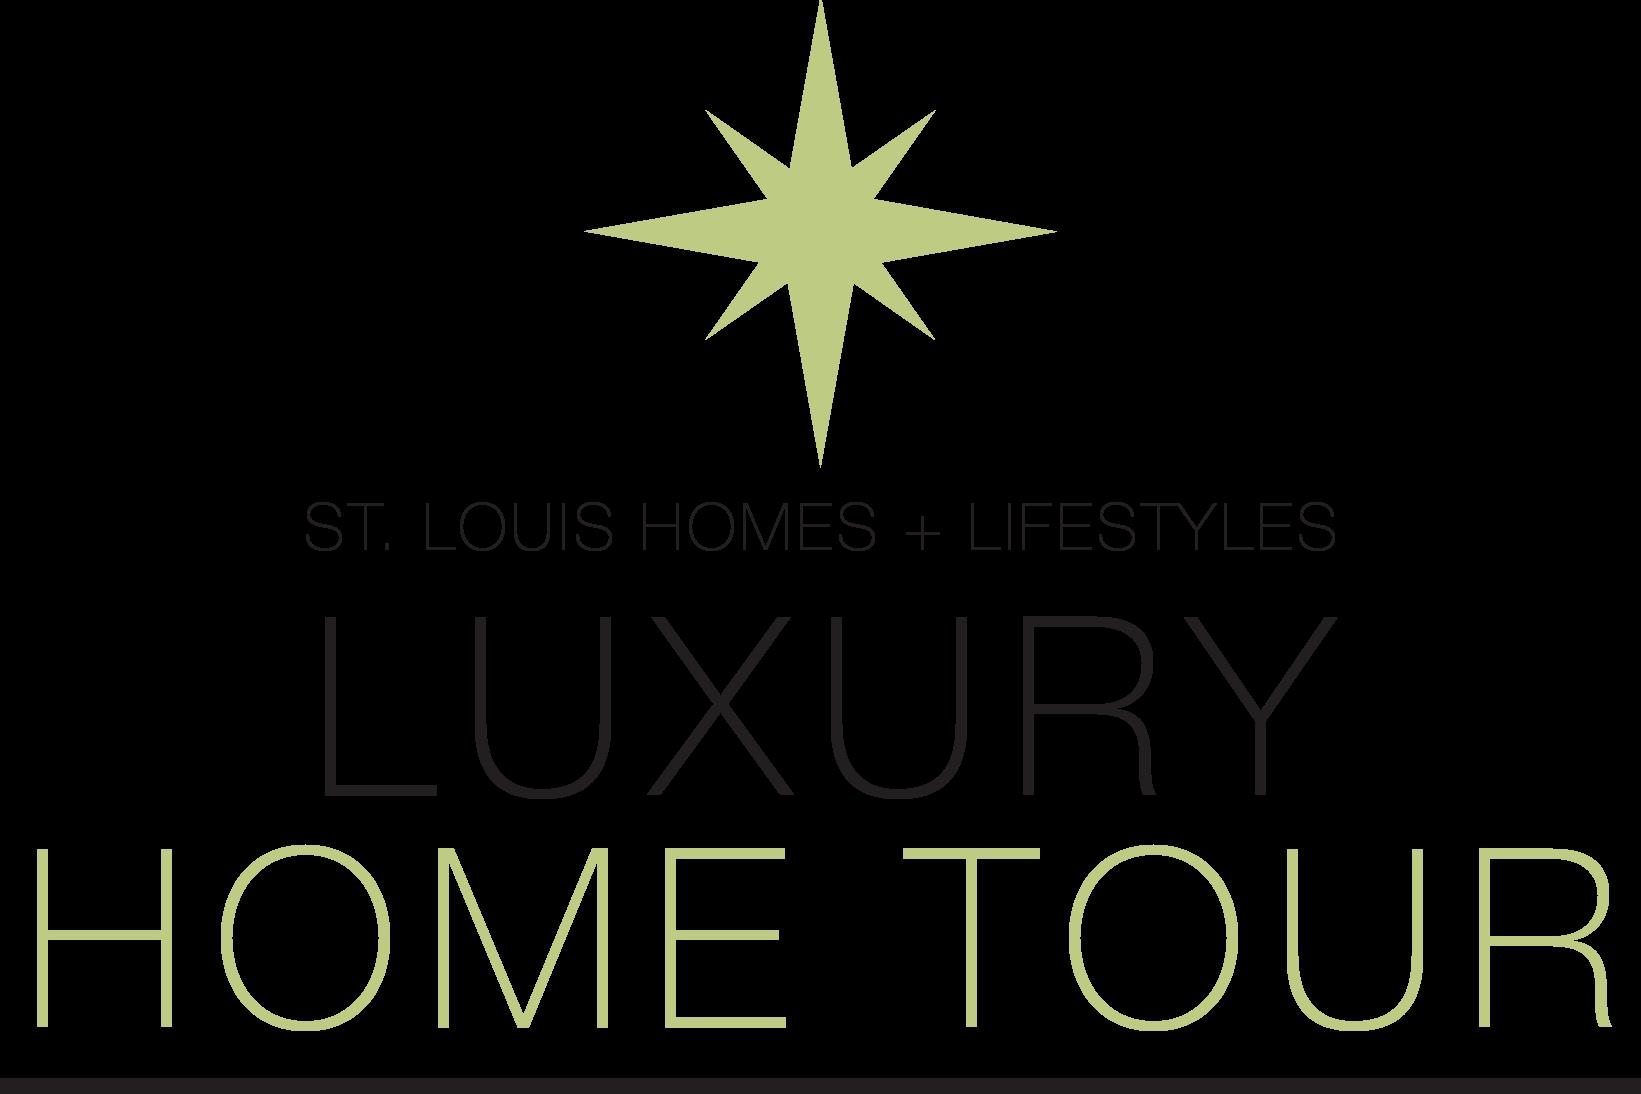 2019 Luxury Home Tour